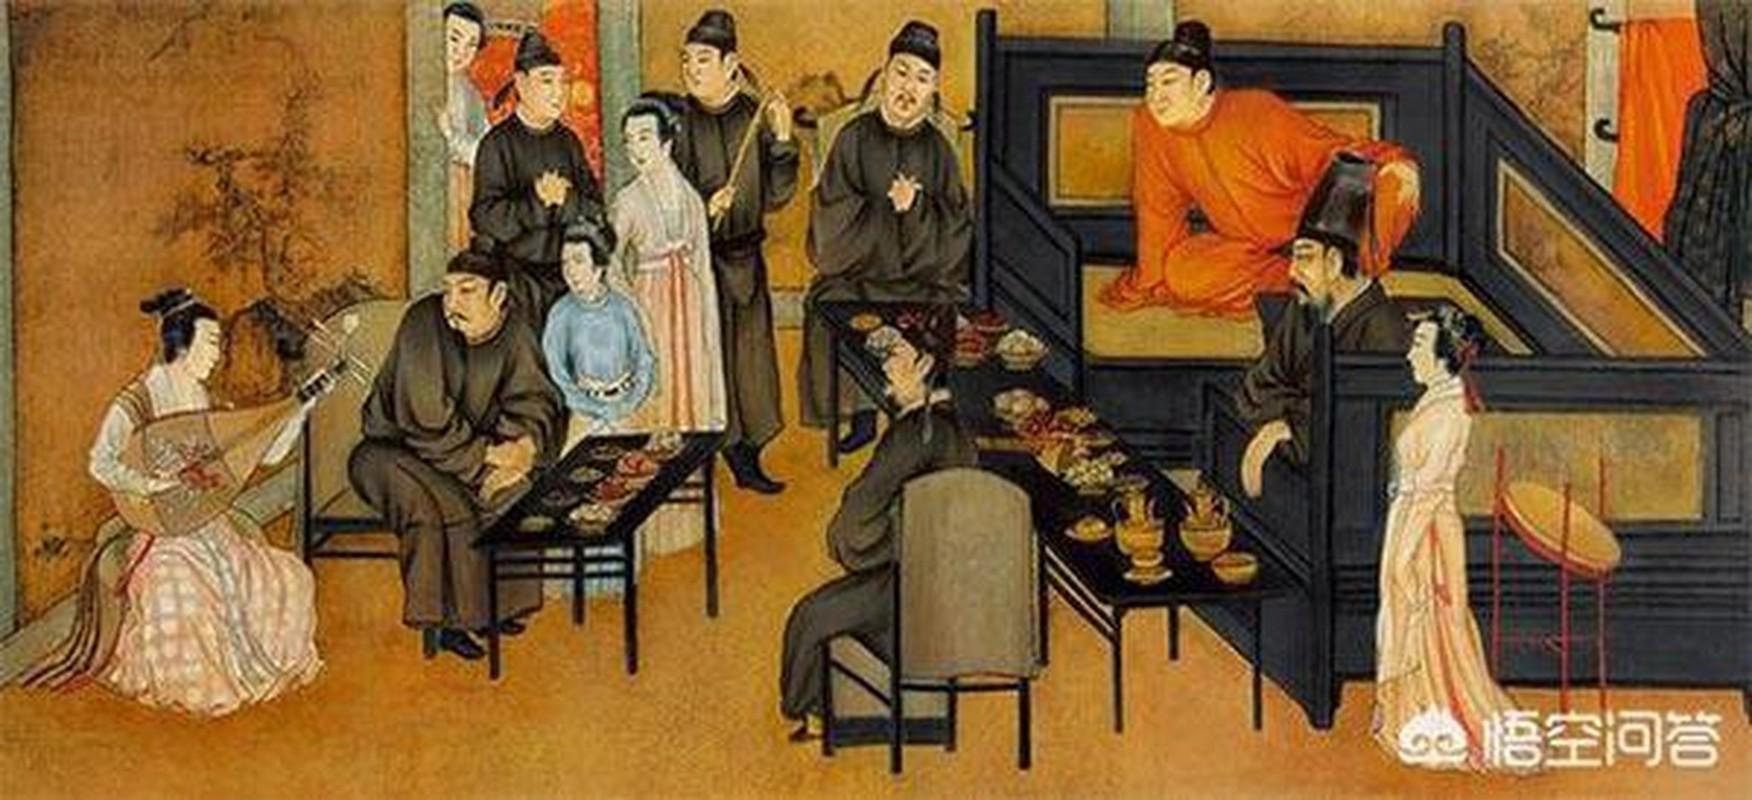 Su that te ngua ve hoang de bun xin nhat Trung Quoc-Hinh-9